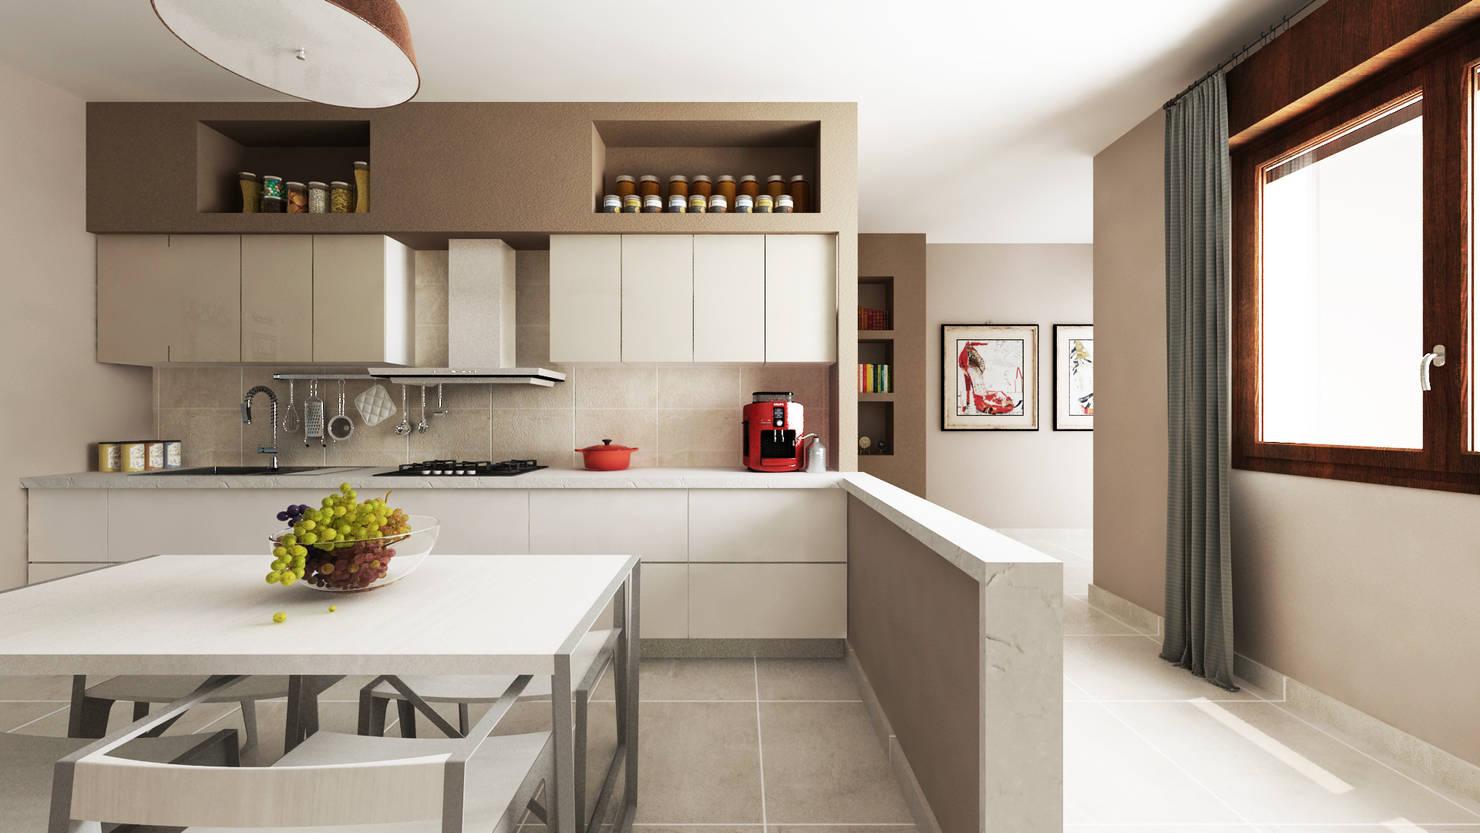 14 стильных кухонь, которые вы не должны пропустить- фотографии